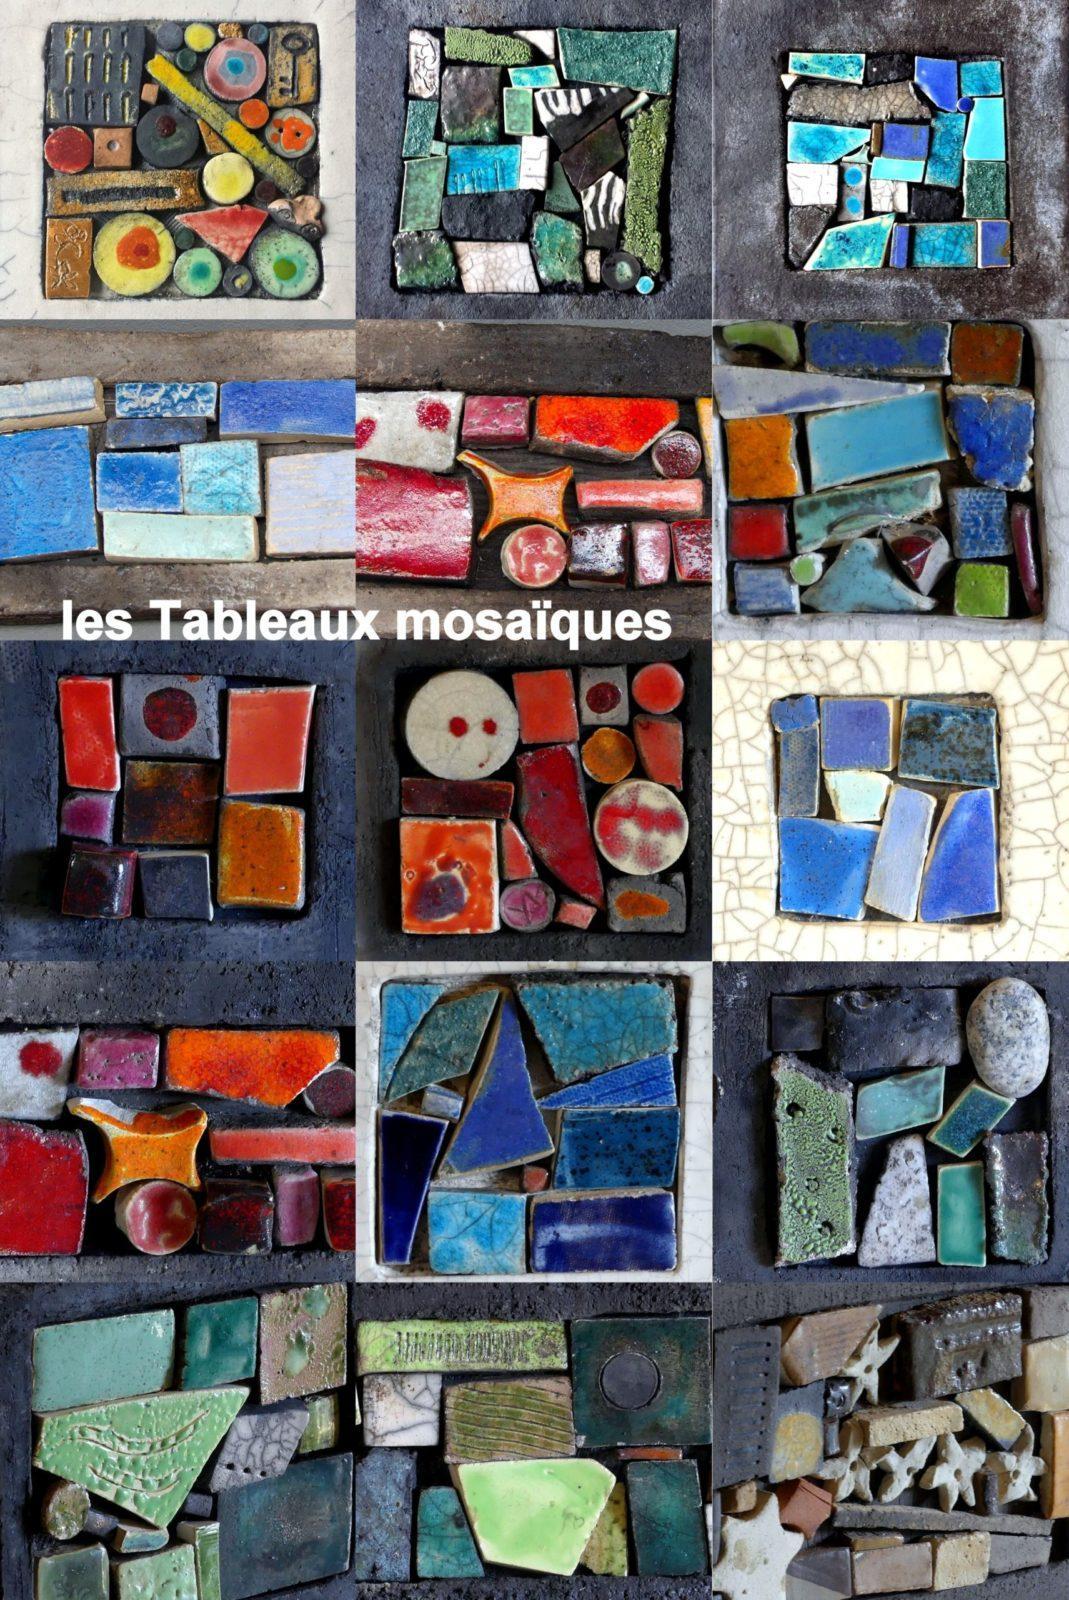 mosaiques en céramique